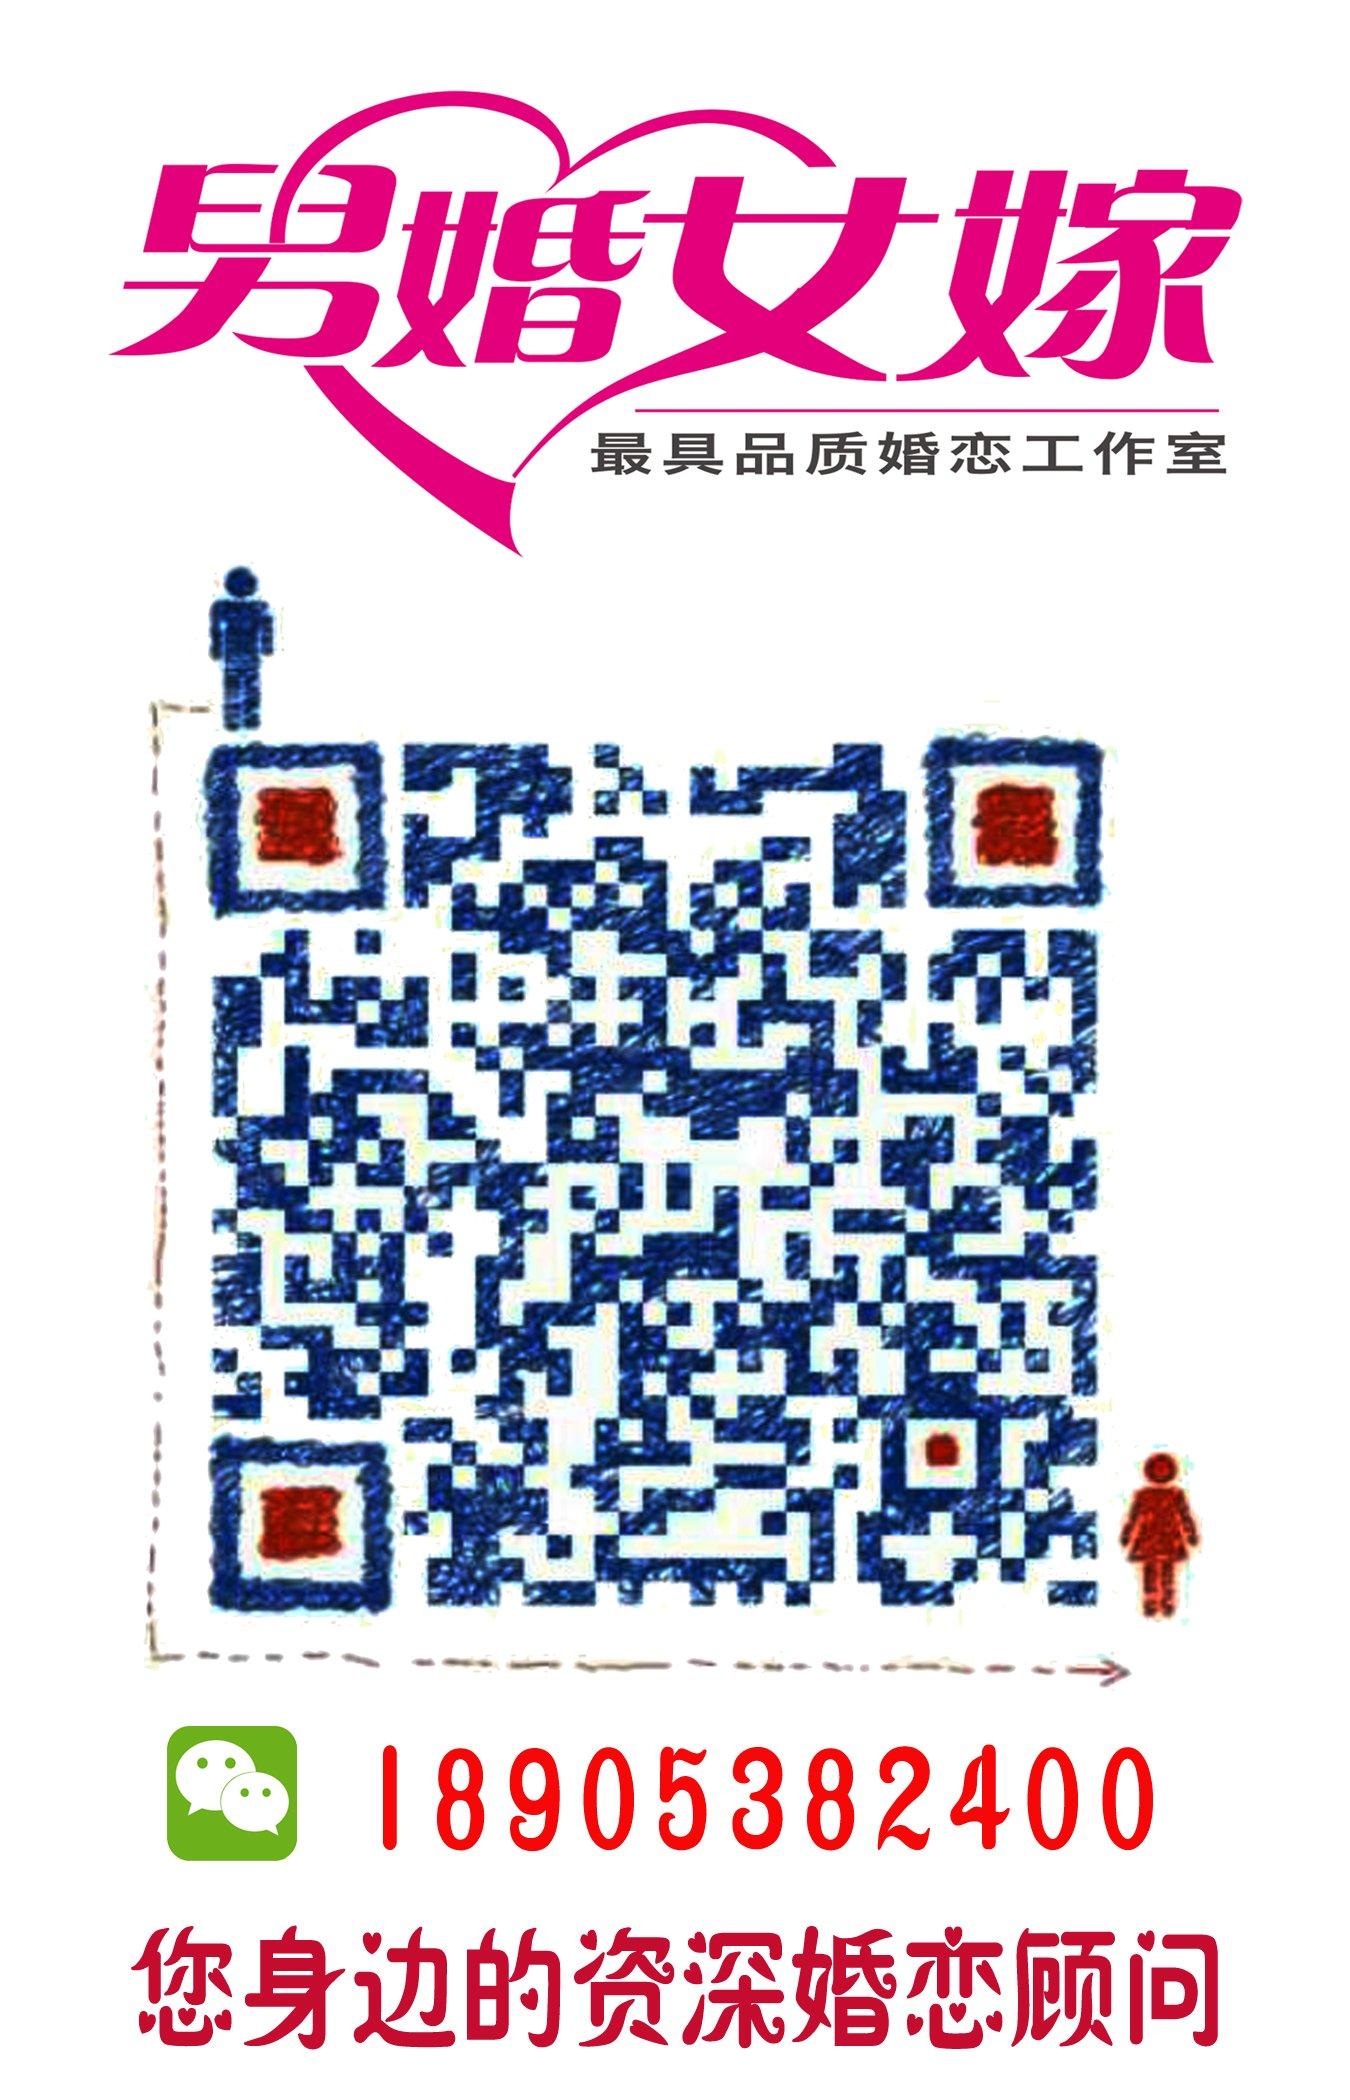 张艳  微信宣传图.jpg